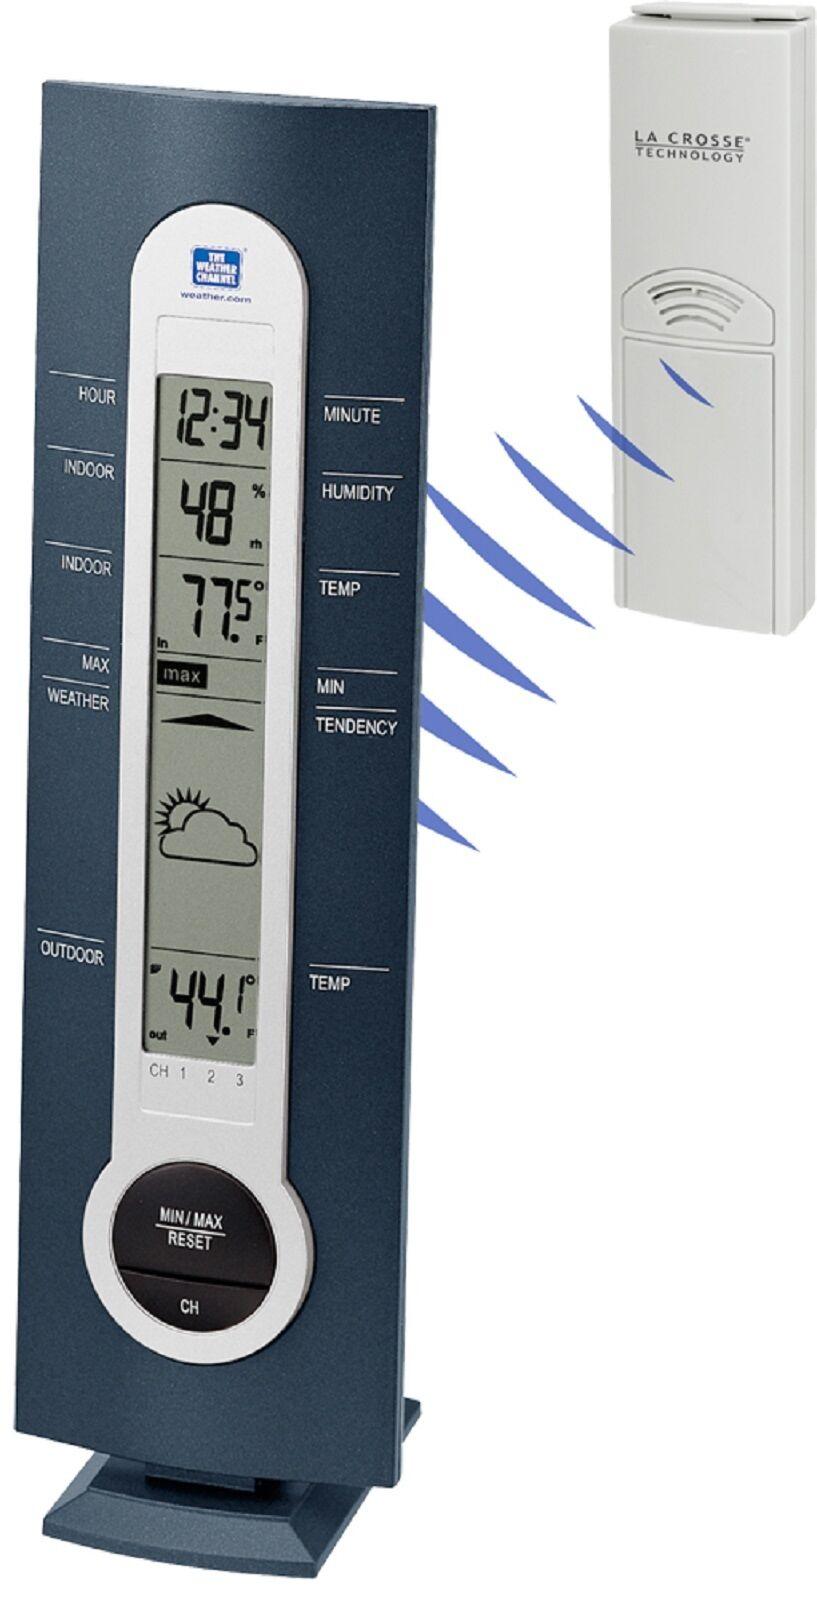 La Crosse Technology Weather Channel WS-7042TWC Wireless Wea